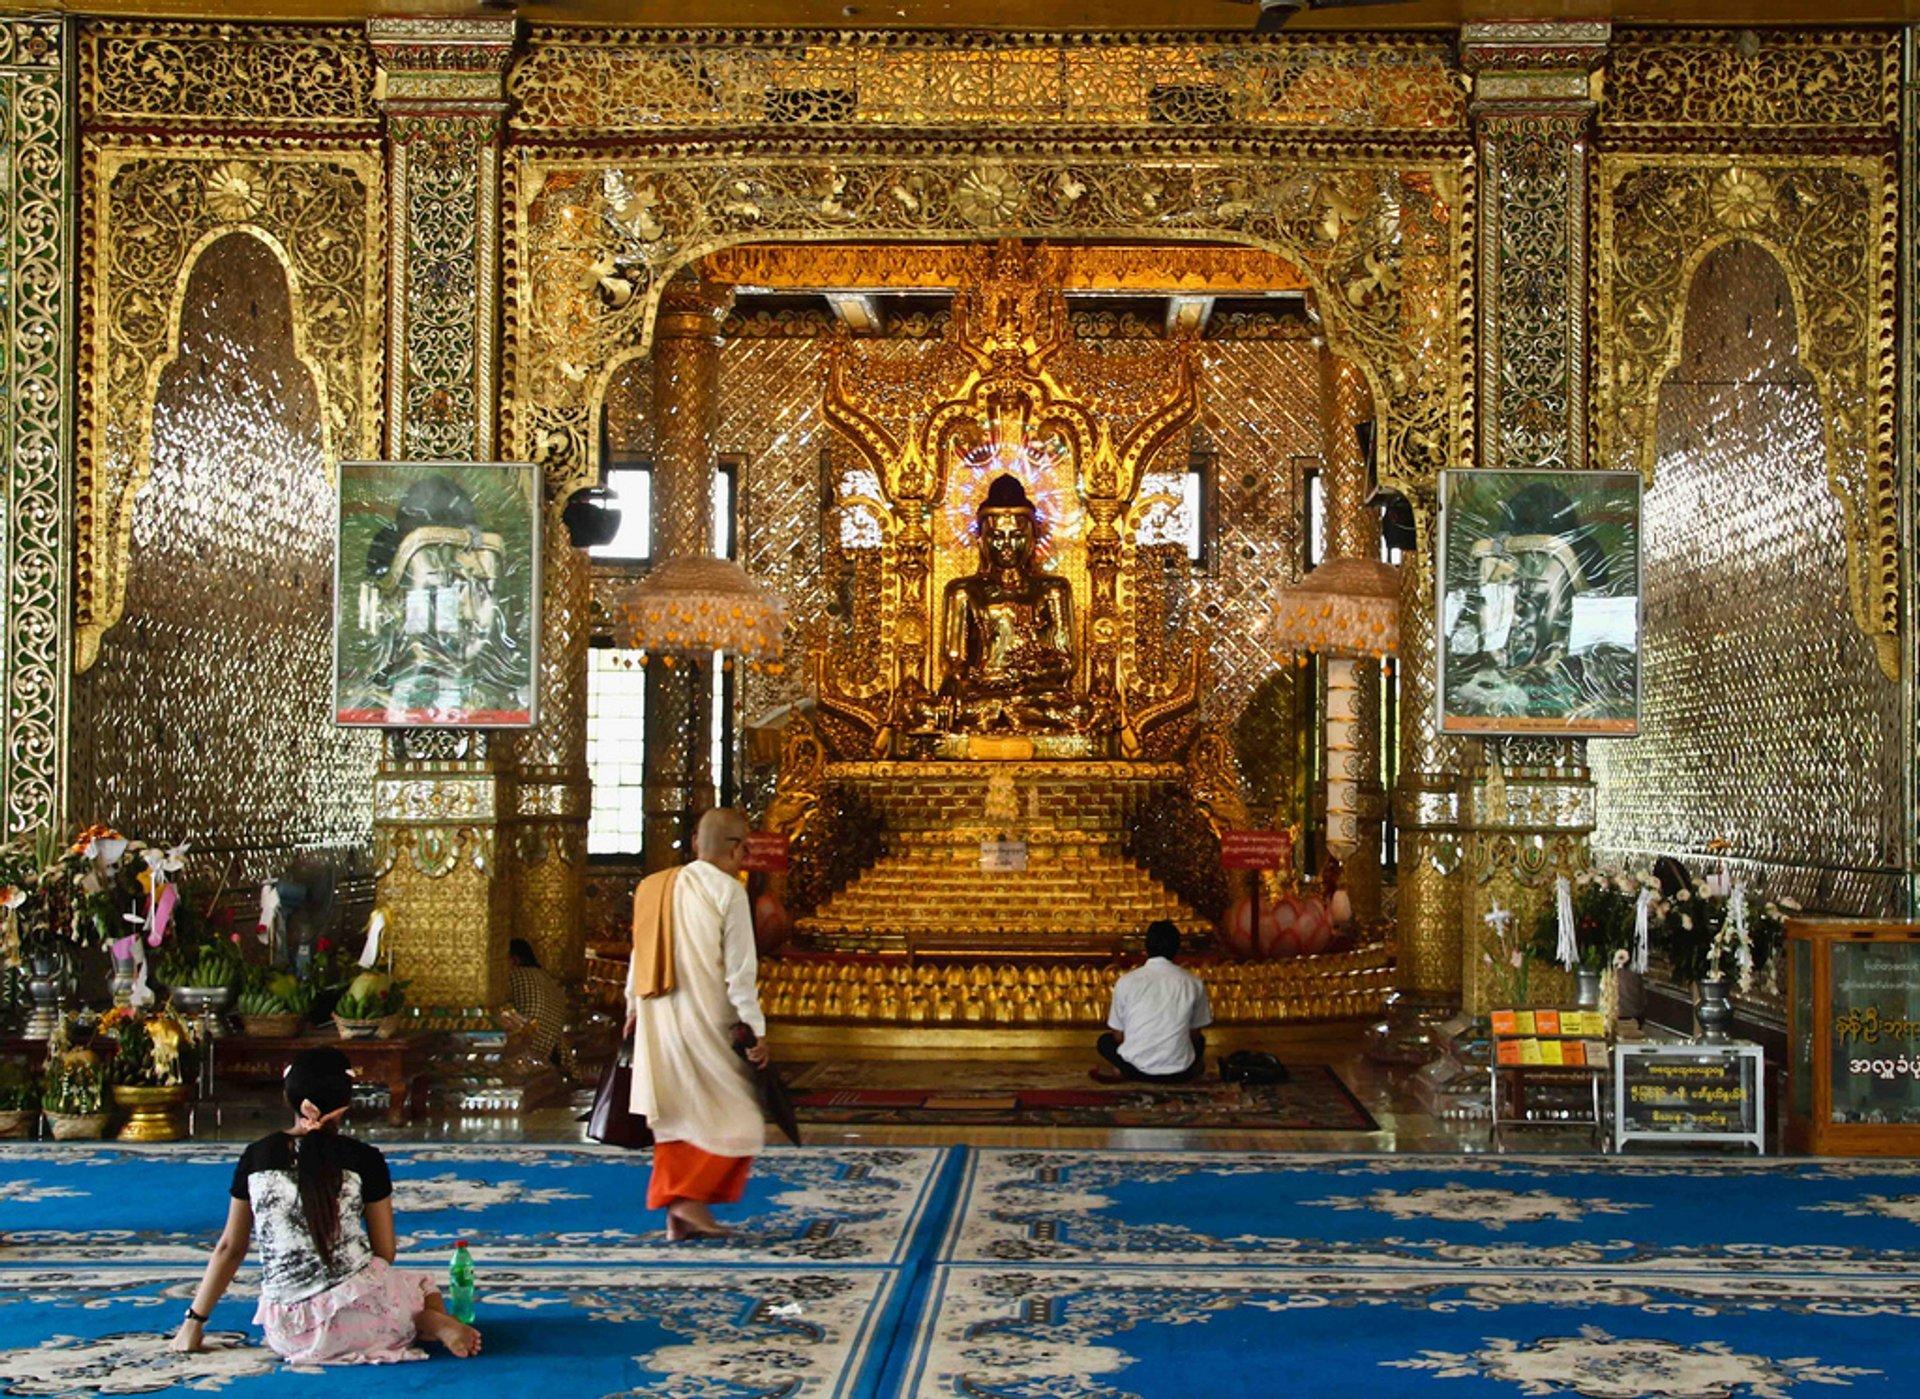 Buddha image in Botataung paya 2020